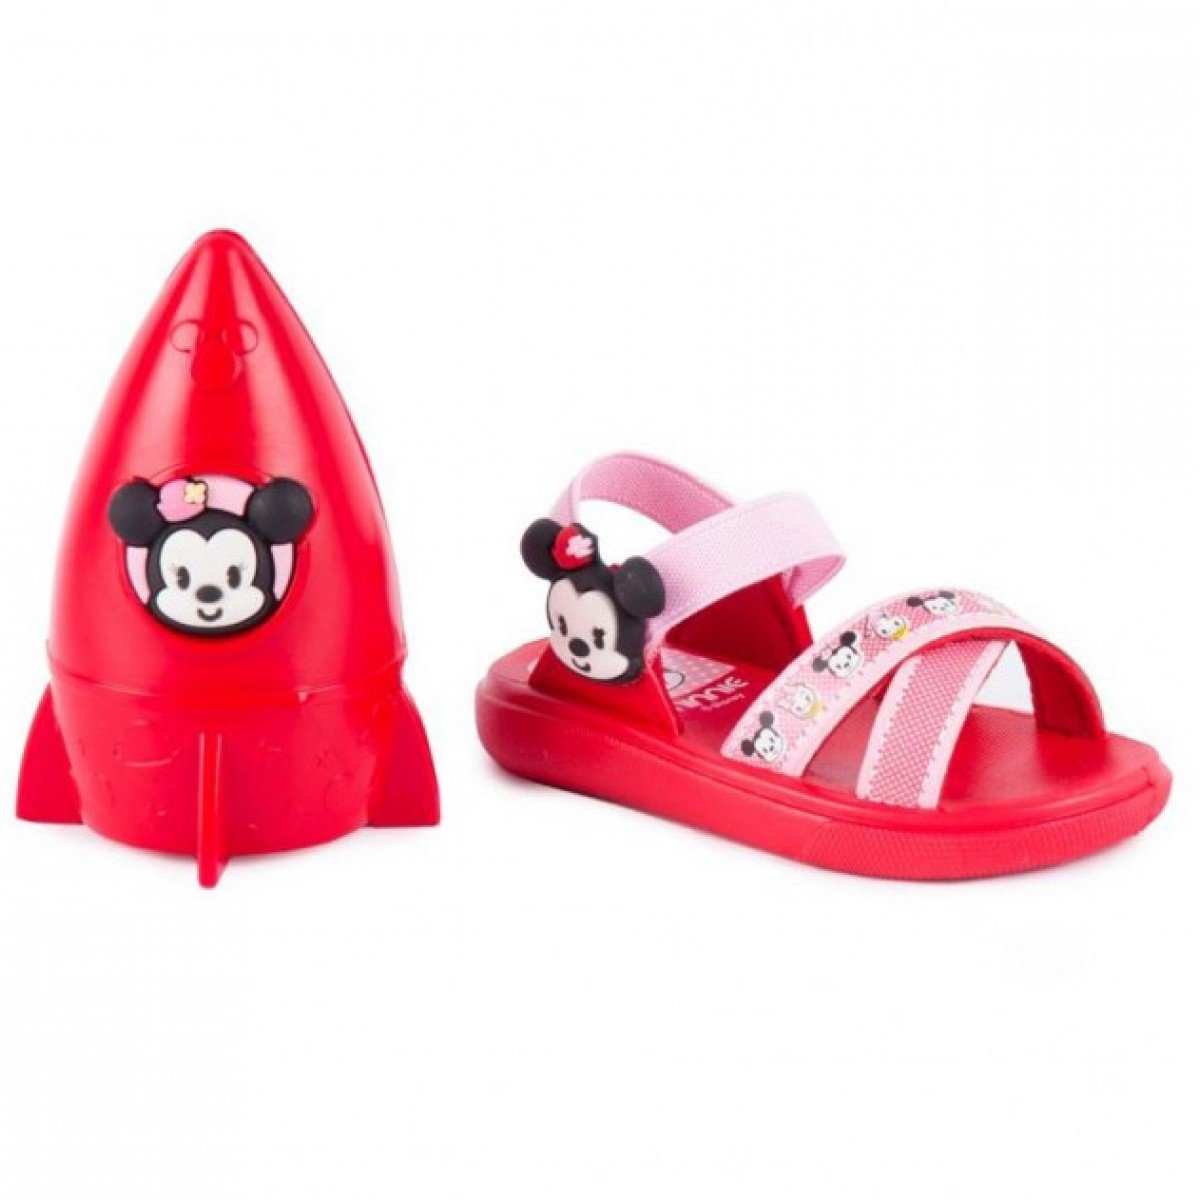 b614f9432 Sandália Infantil Grendene Mickey e Minnie Hora - Compre Aqui ...